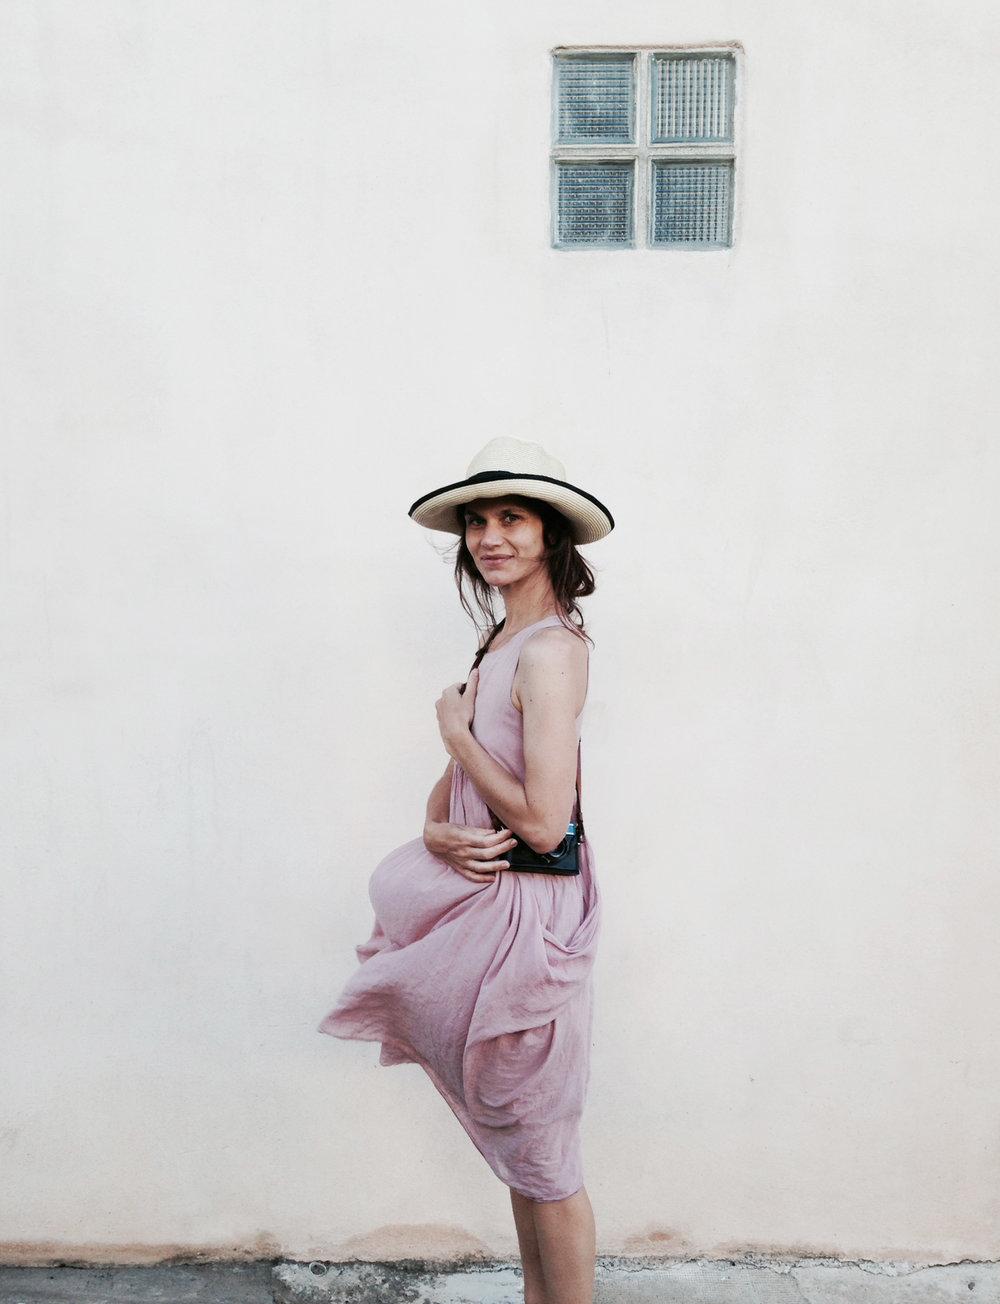 pinkdresscamera.jpg